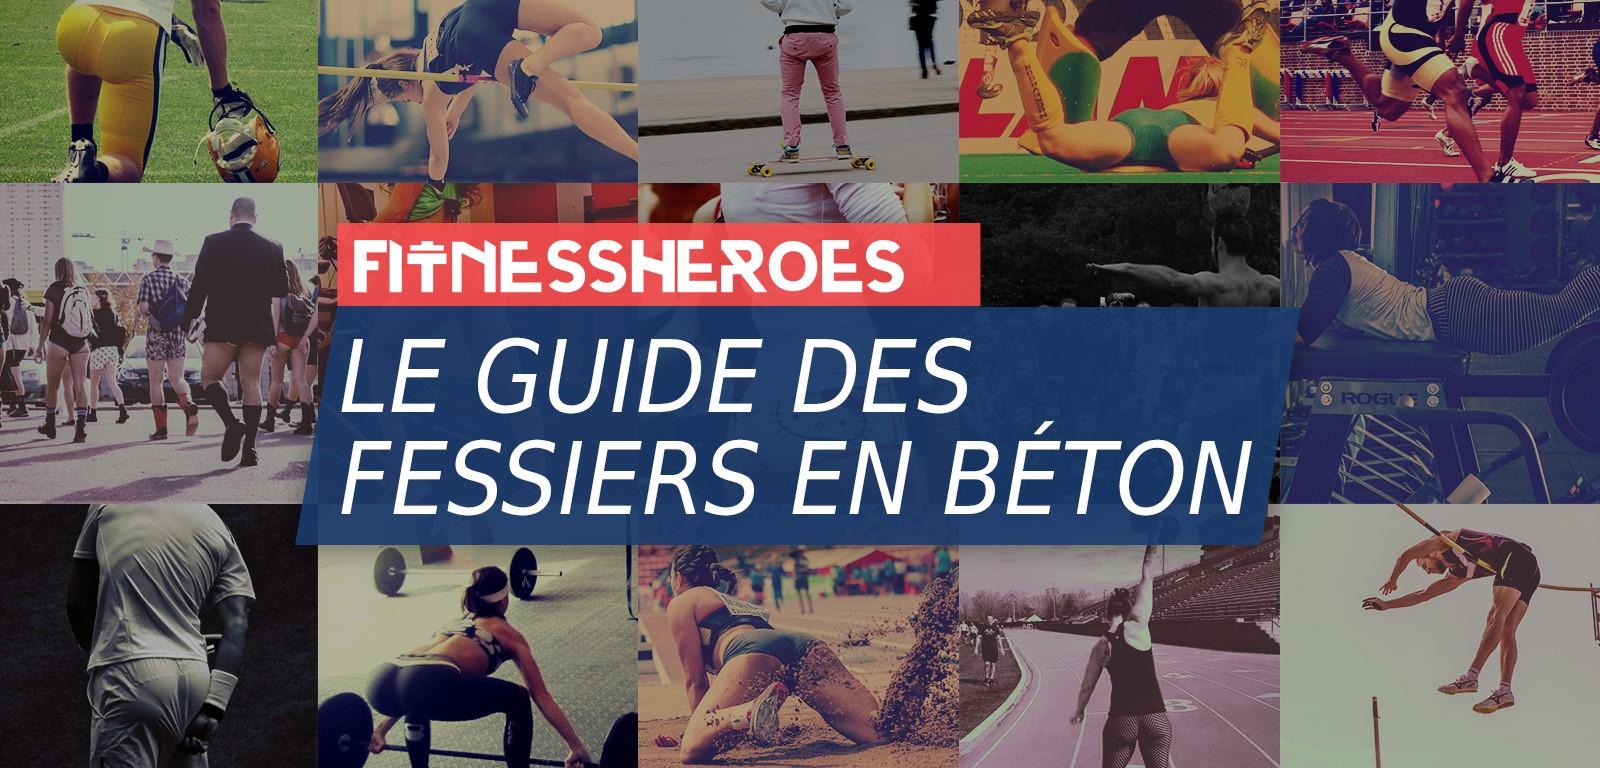 Le Guide des Fessiers par Fitness Heroes